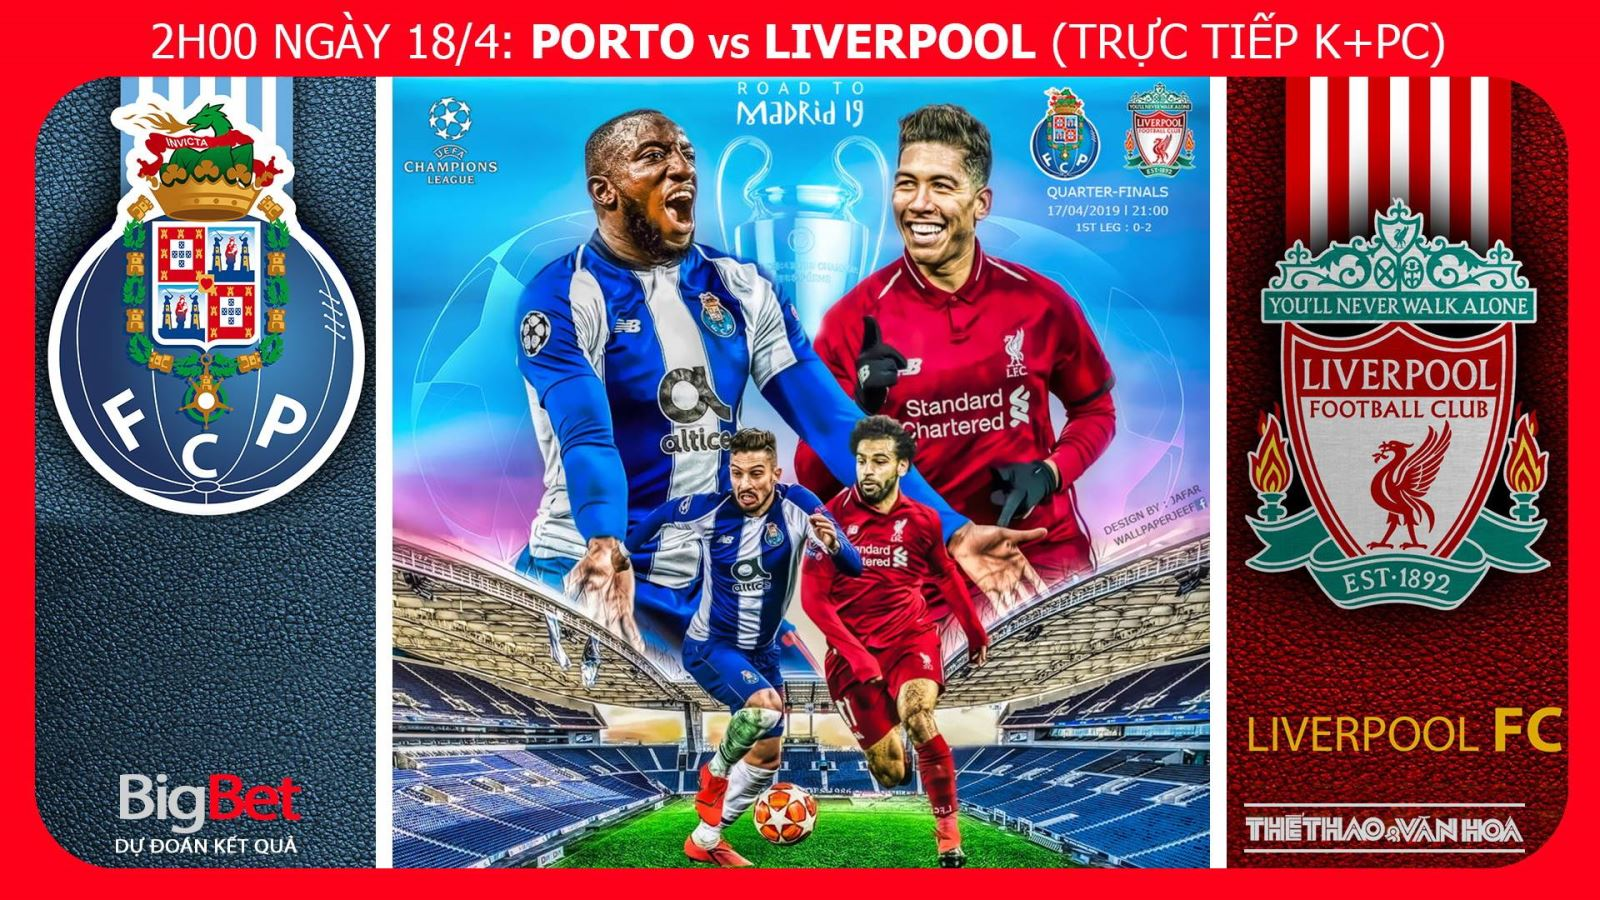 Soi kèo dự đoán bóng đá Porto vs Liverpool (2h00 ngày 18/4), lượt về tứ kết Cúp C1. Trực tiếp K+PC